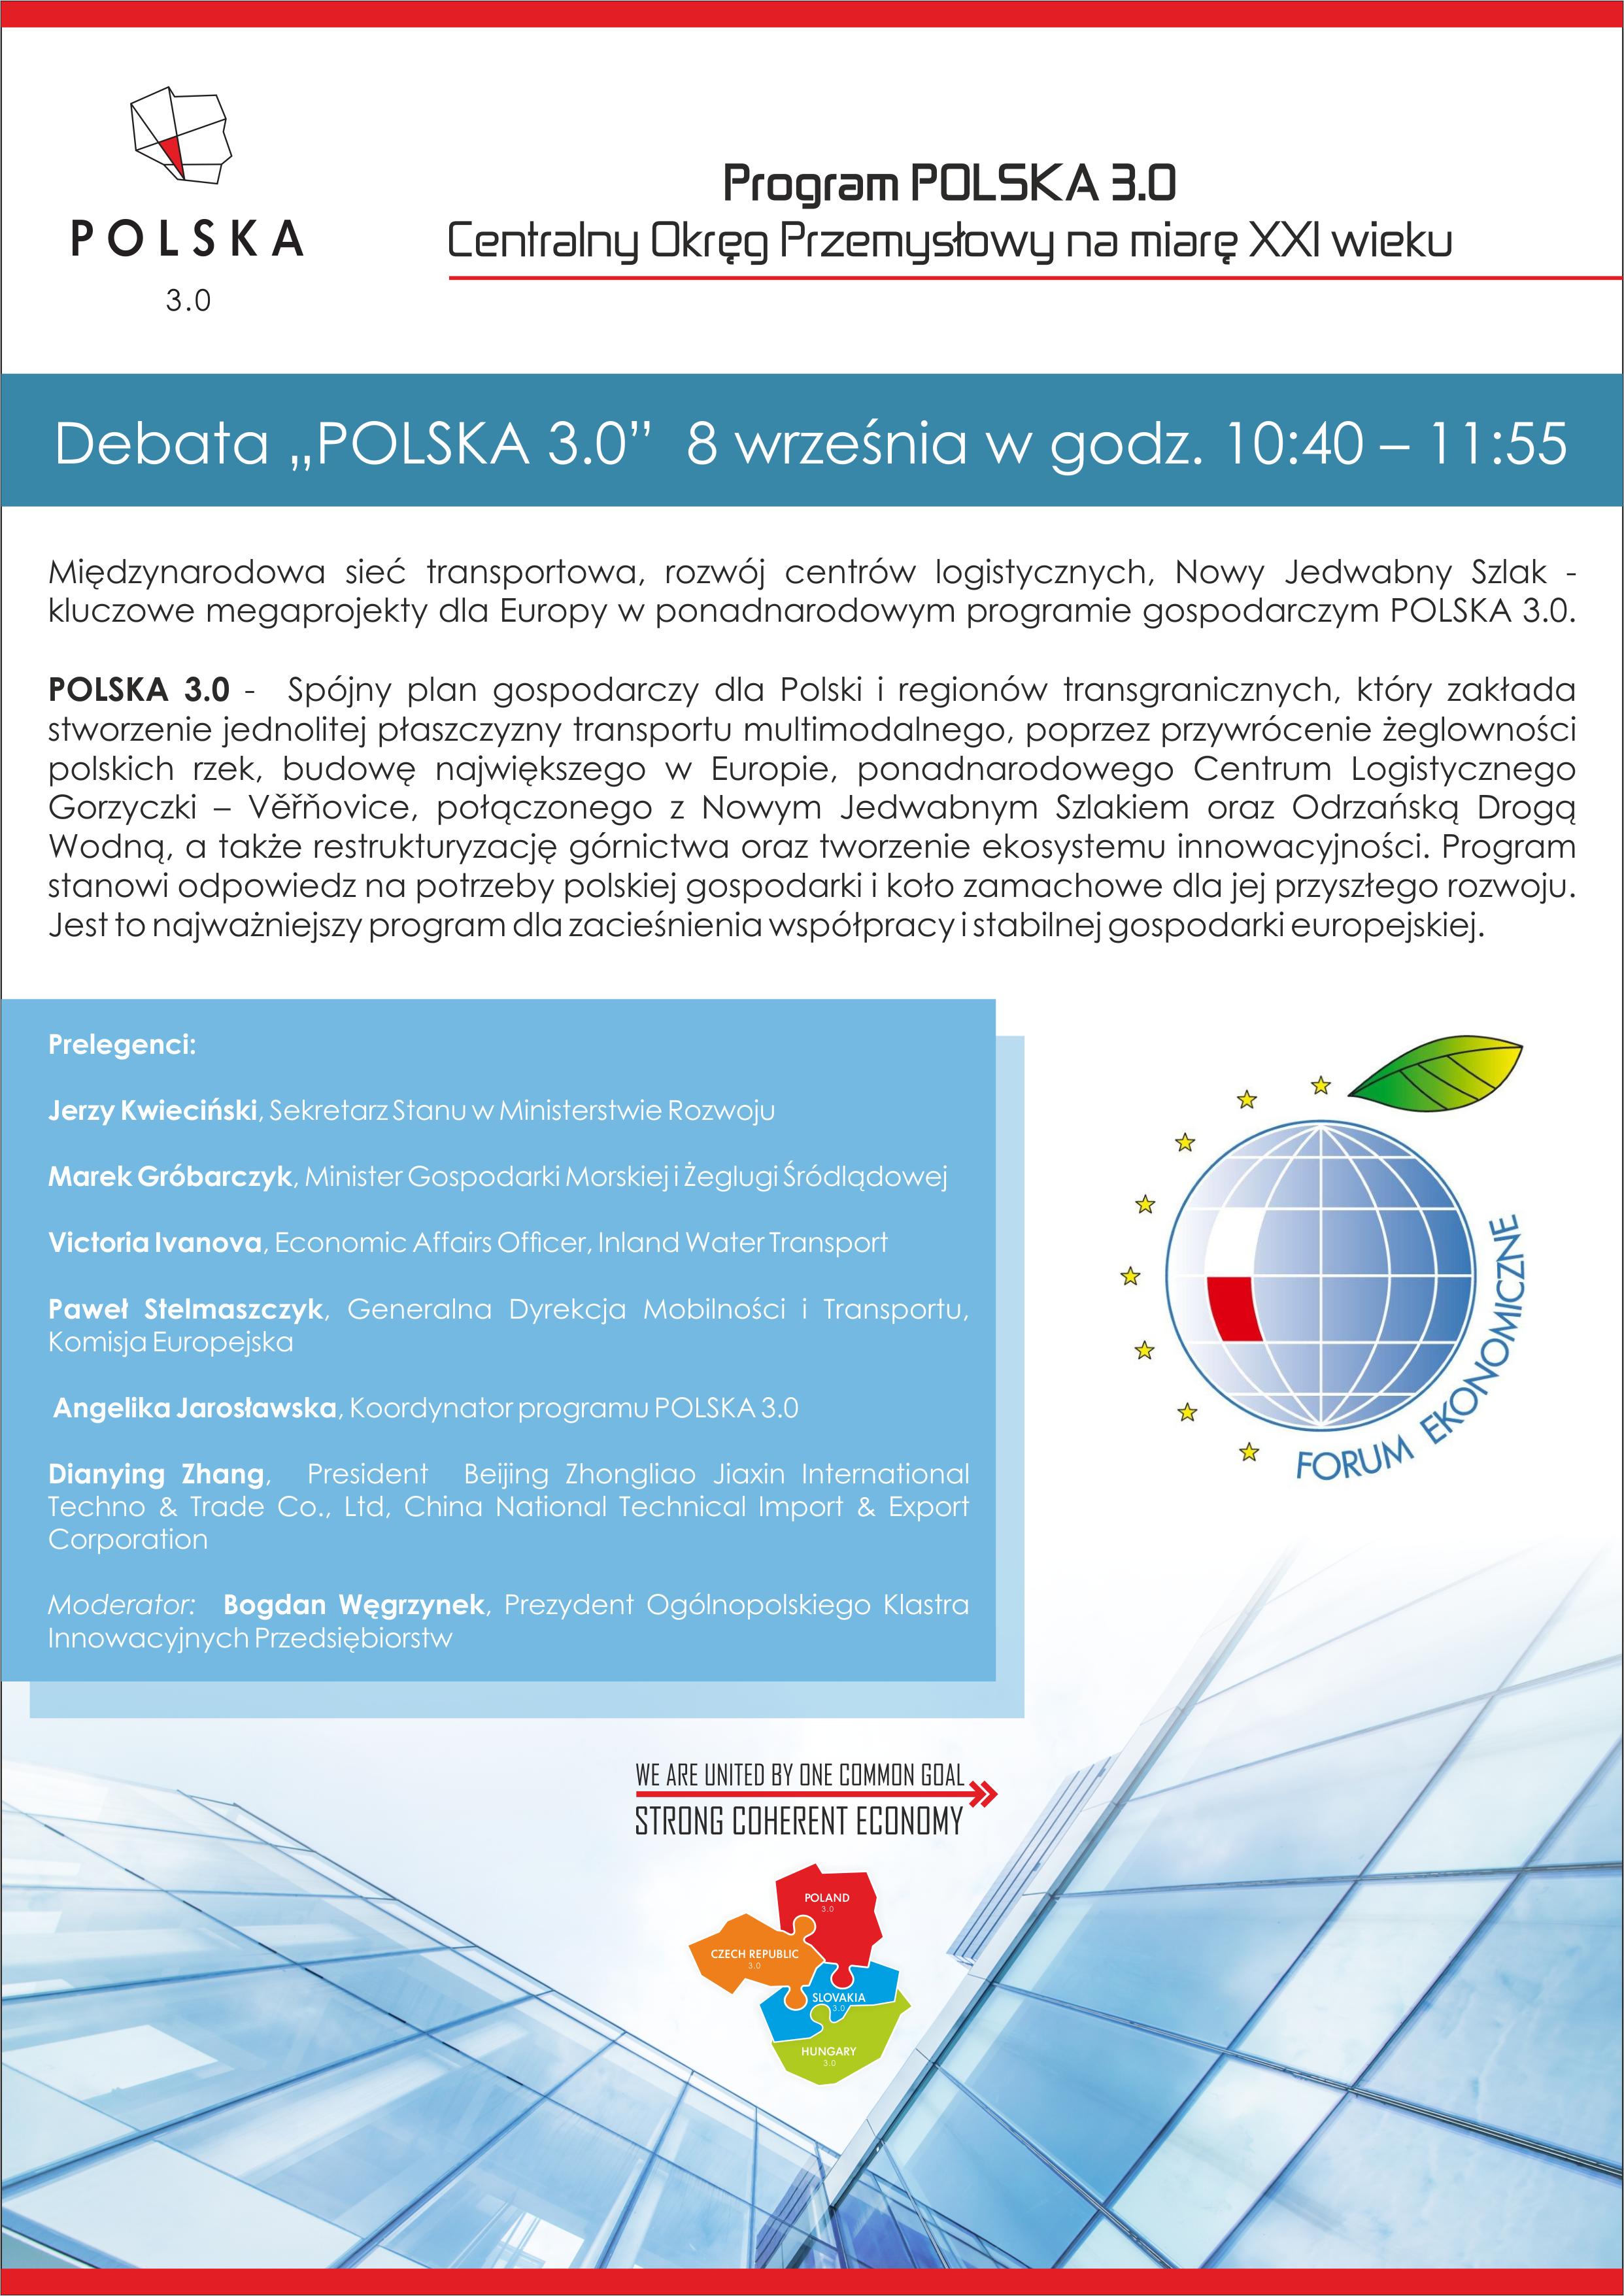 PL 3.0 informacja o panelu